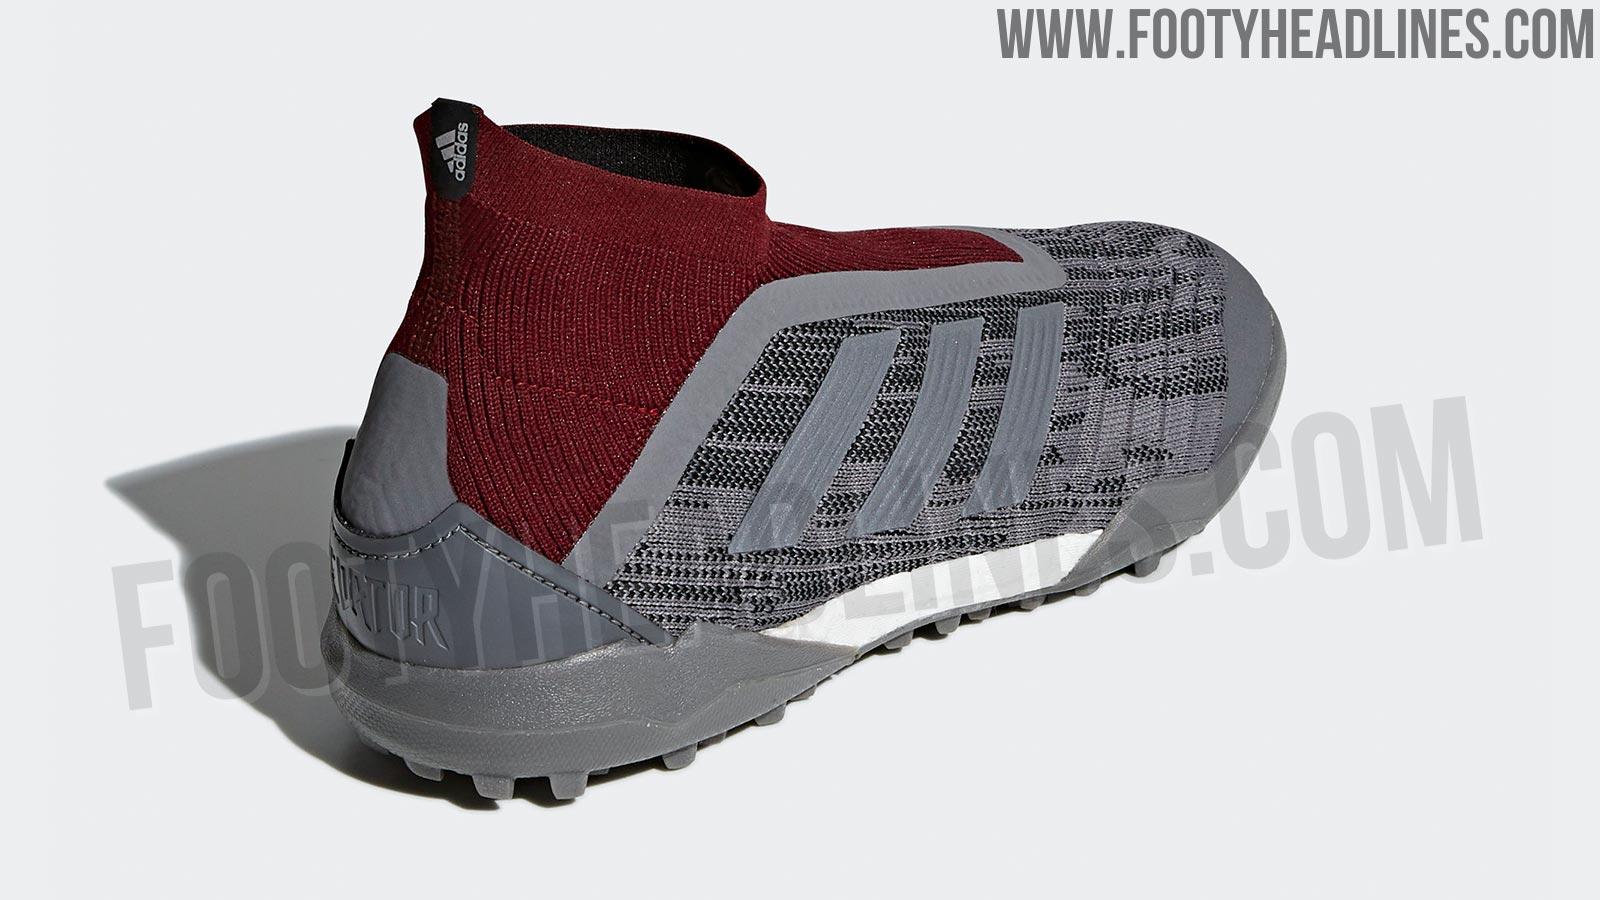 2bc8e283e OFFICIAL  Adidas Predator 18+ Paul Pogba Signature Boots Leaked ...